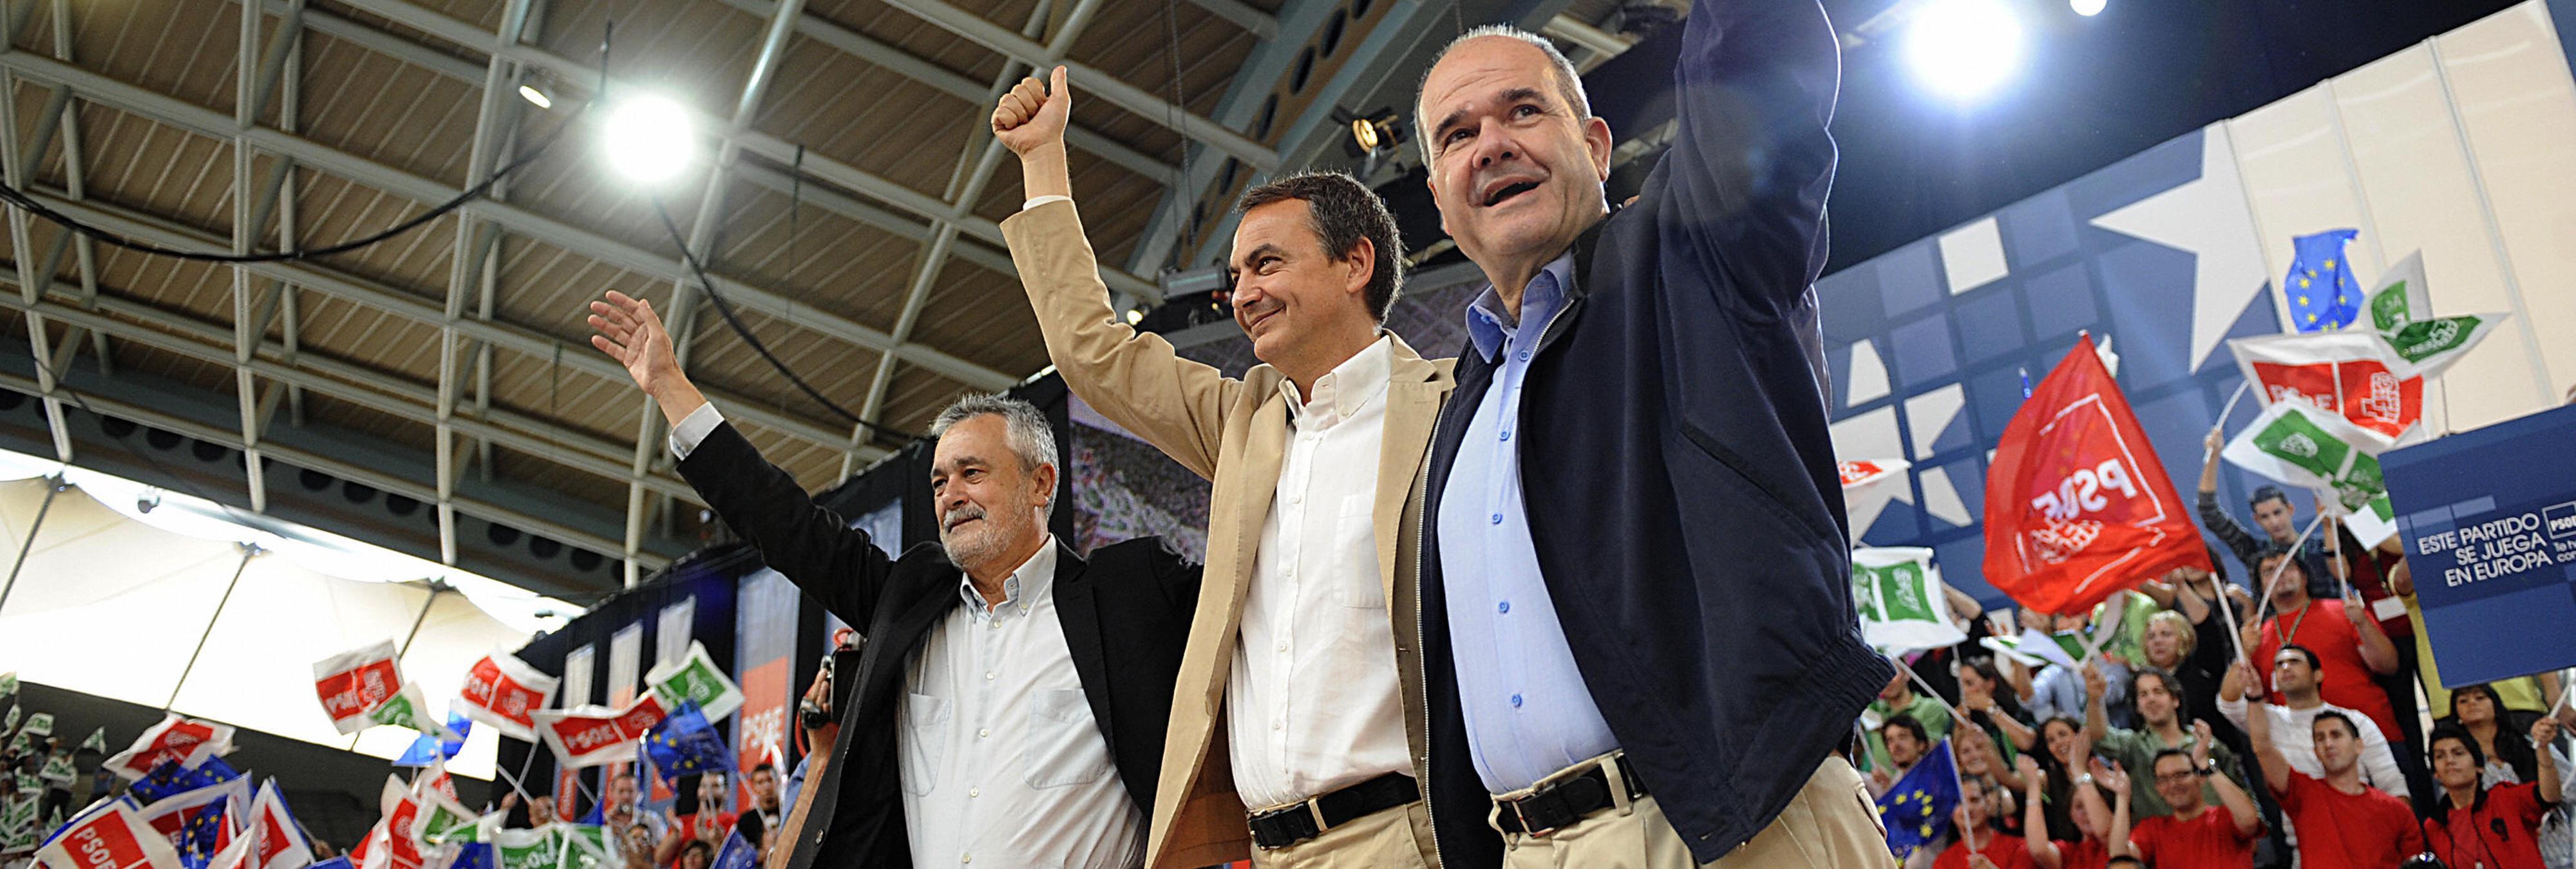 Los expresidentes Chaves y Griñán, citados a declarar por los ERE de Andalucía